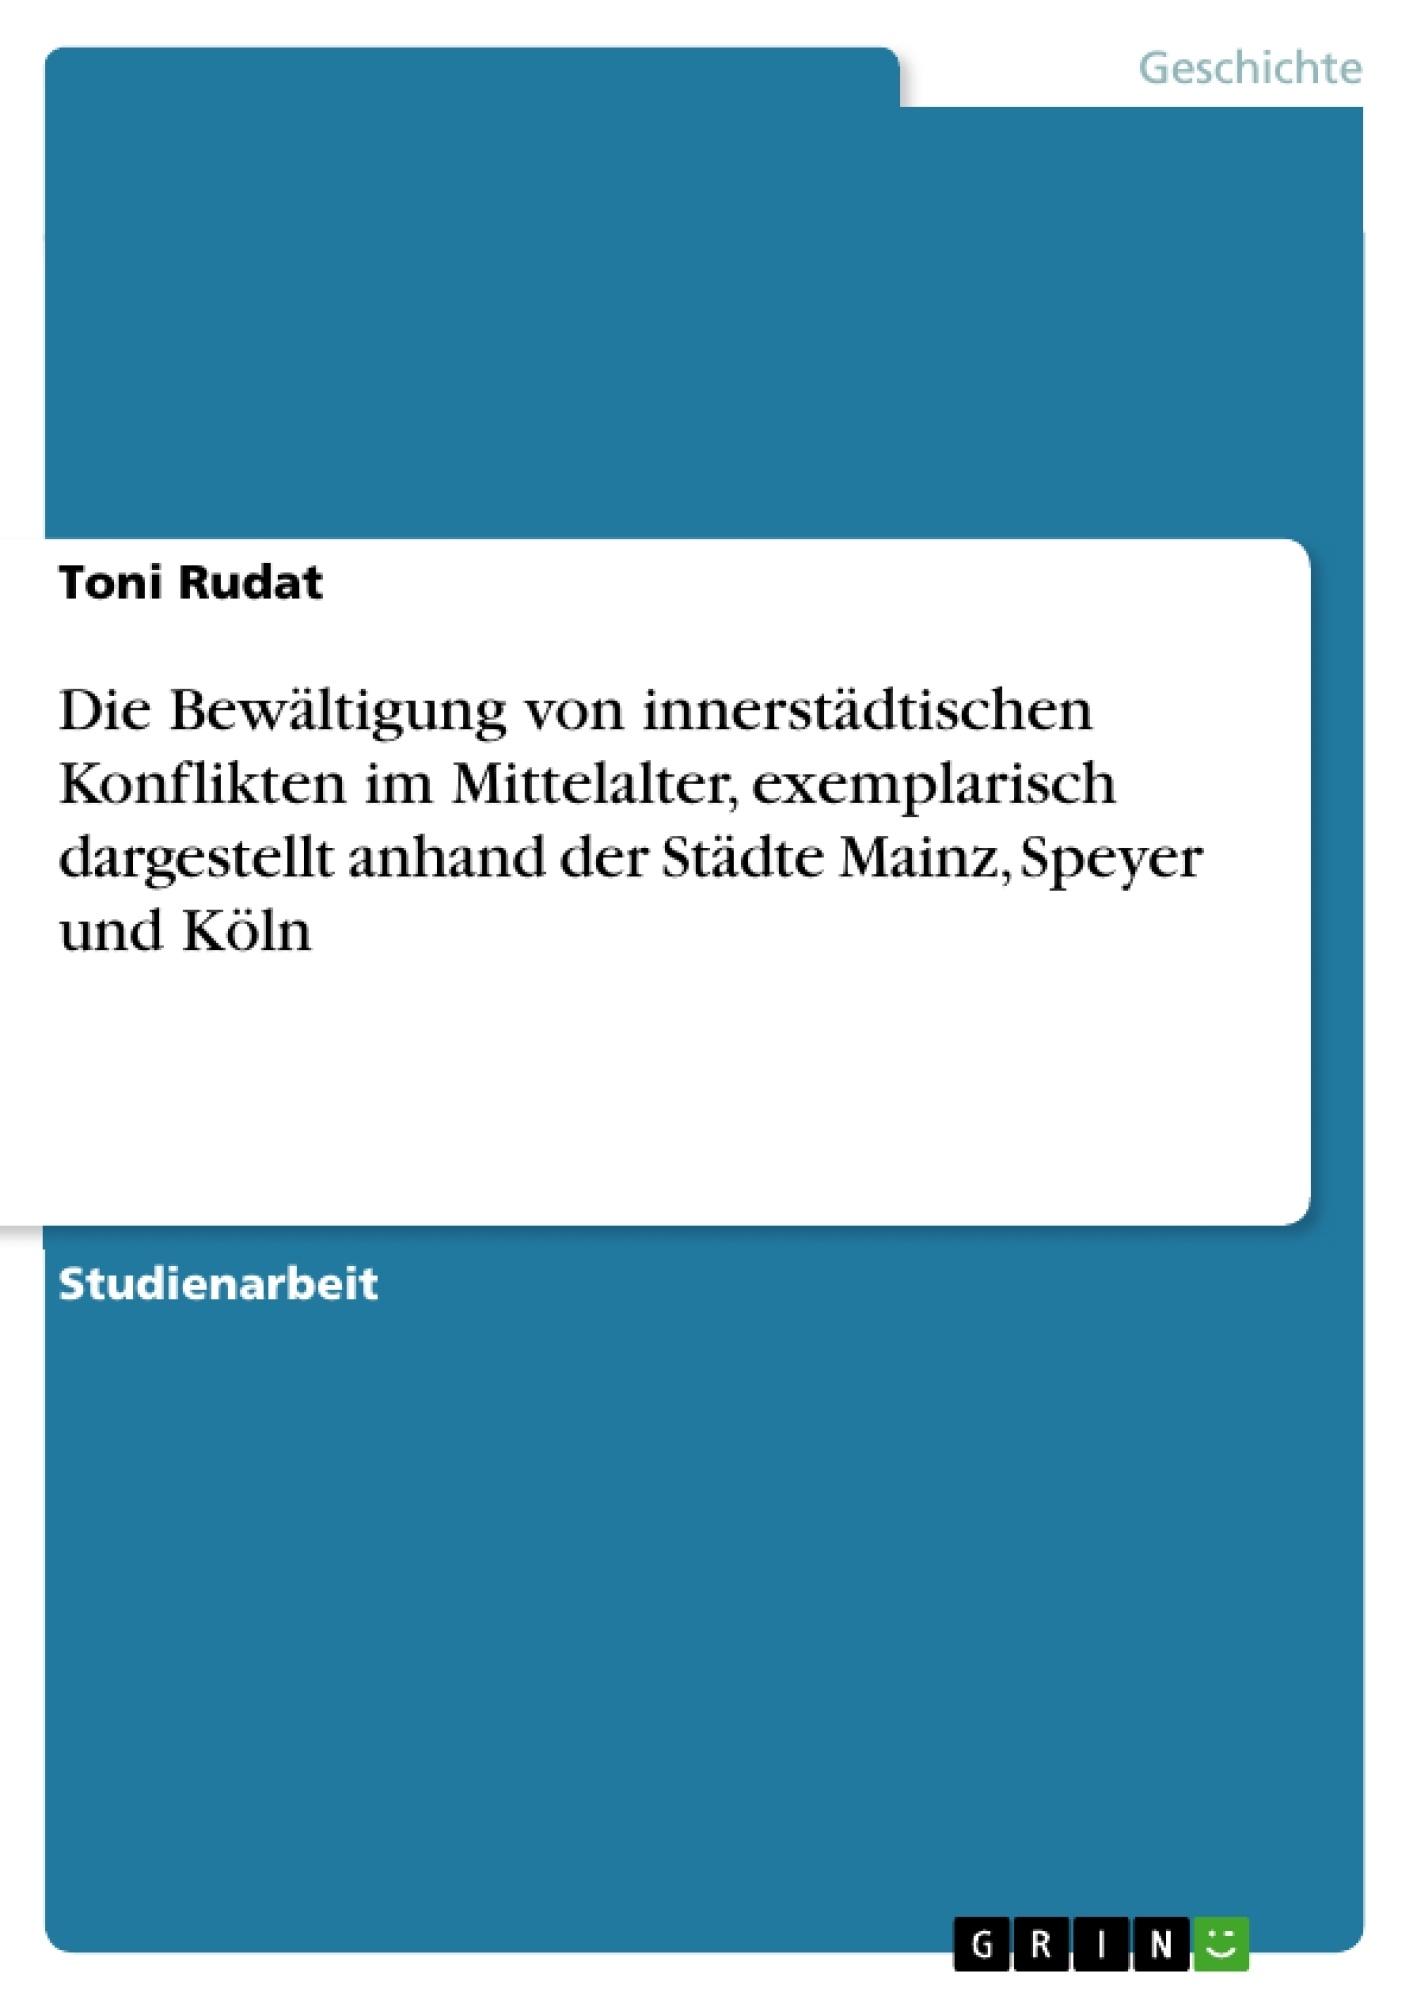 Titel: Die Bewältigung von innerstädtischen Konflikten im Mittelalter, exemplarisch dargestellt anhand der Städte Mainz, Speyer und Köln